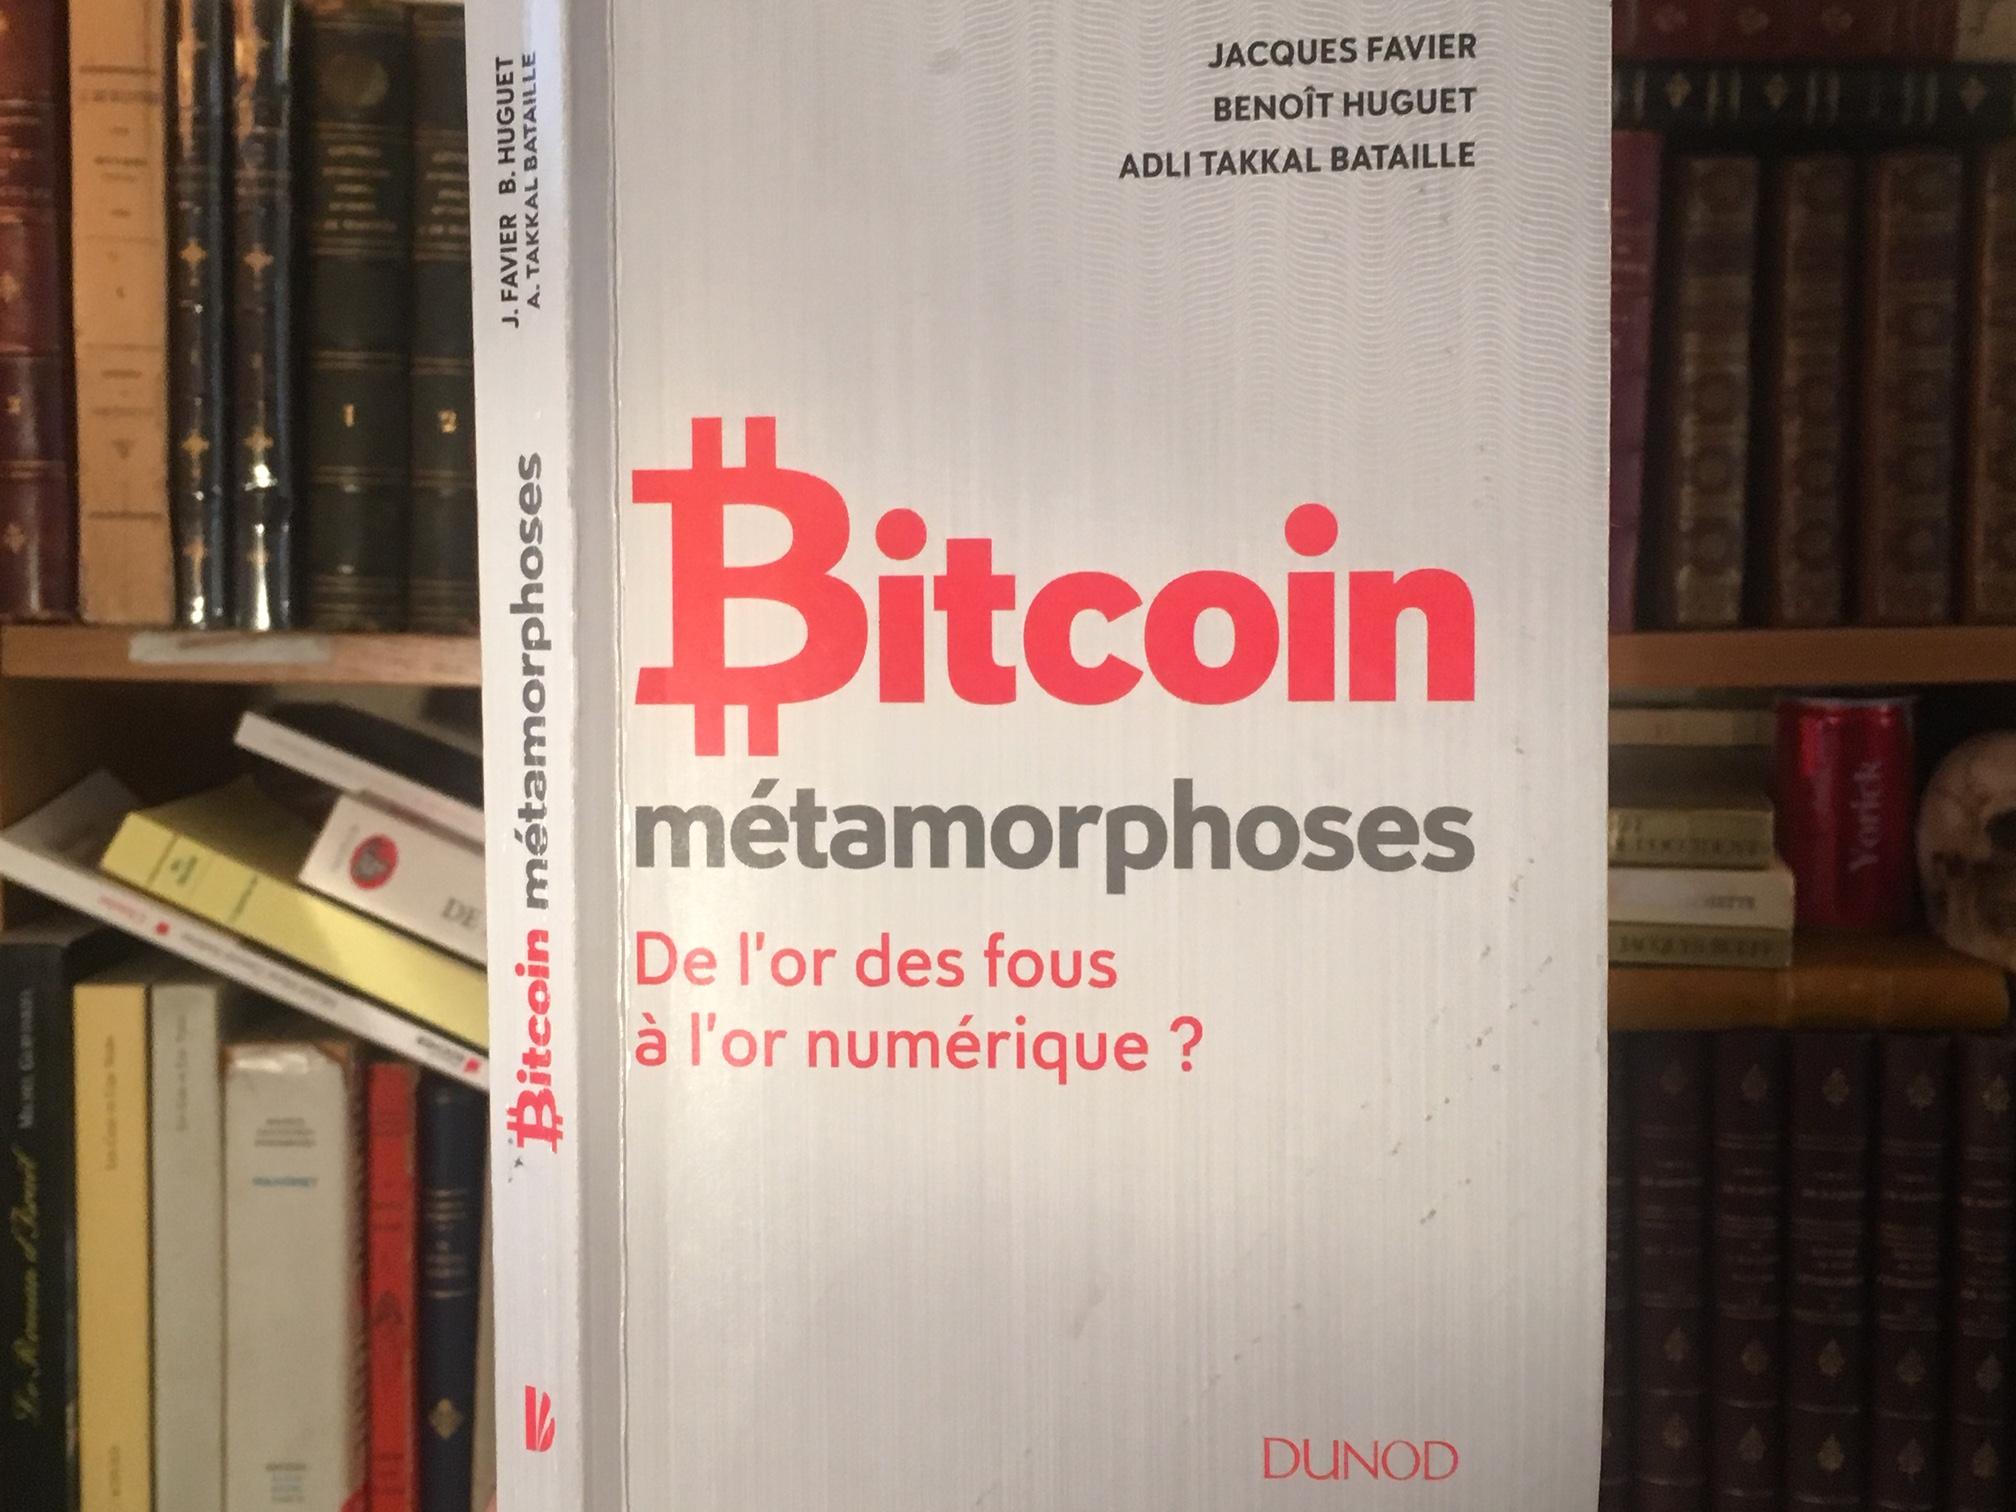 Un ouvrage à découvrir absolument : «Bitcoin métamorphoses, De l'or des fous à l'or numérique ?»